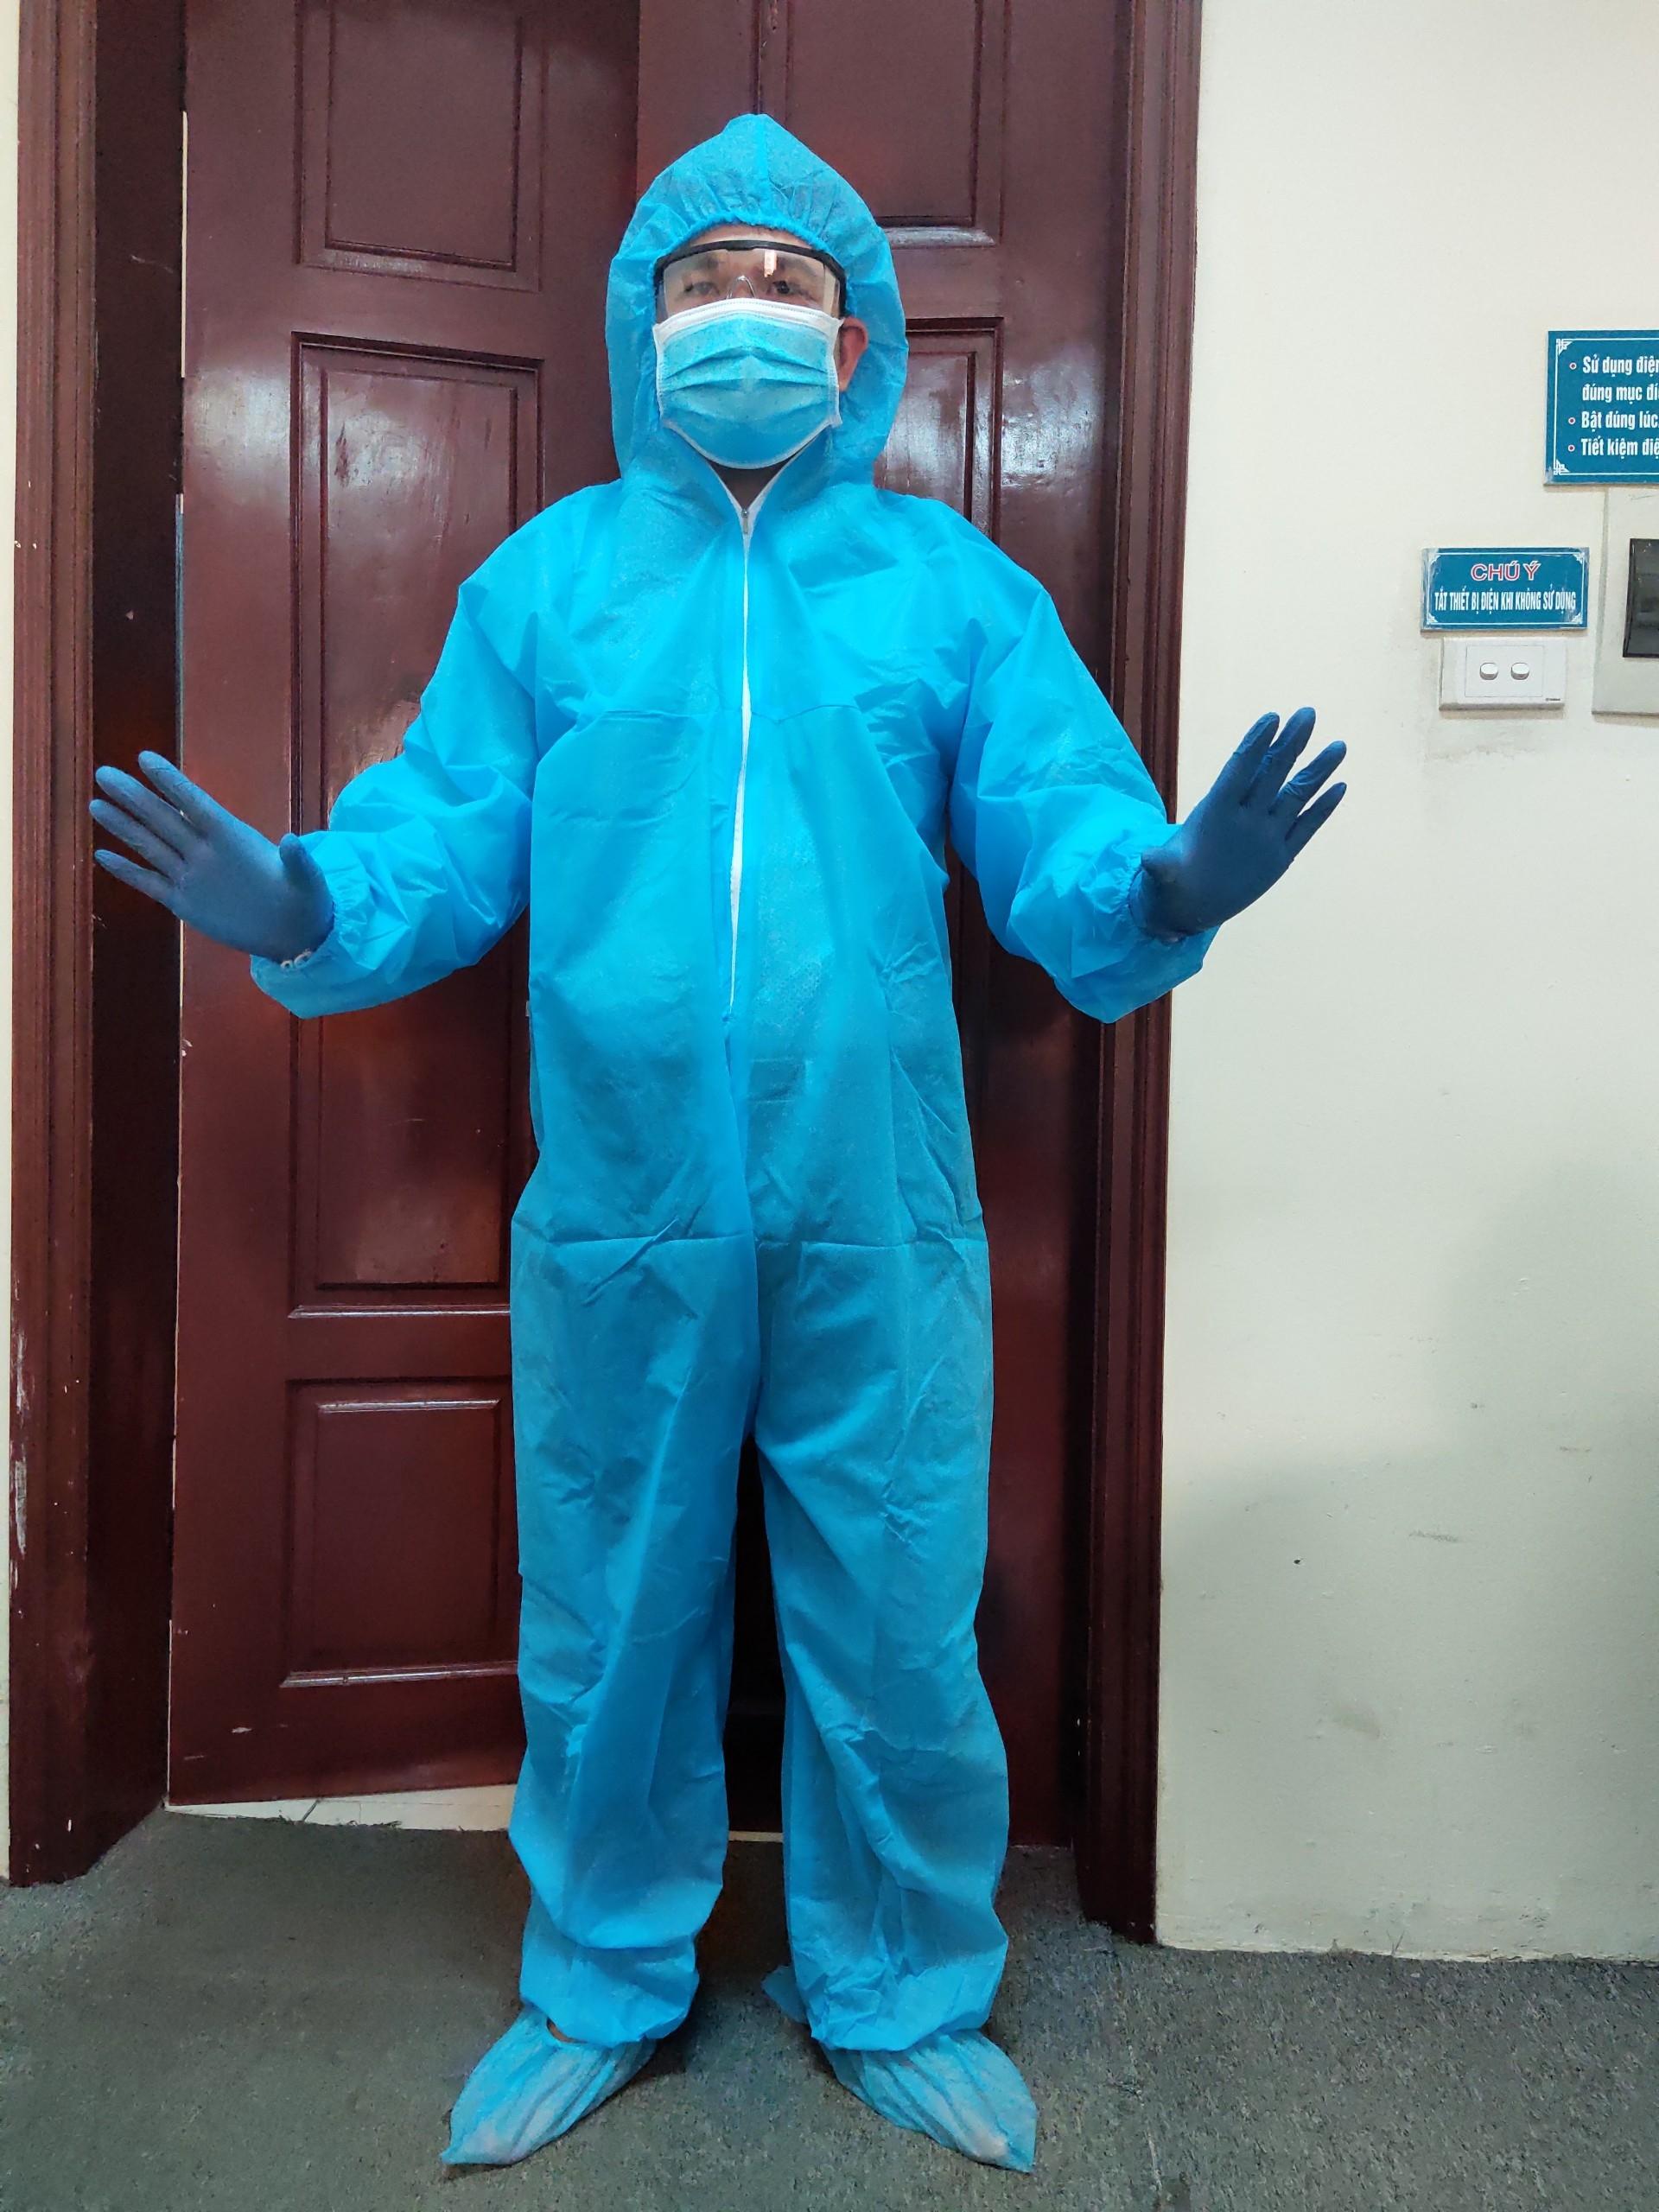 Bộ bảo hộ y tế màu xanh